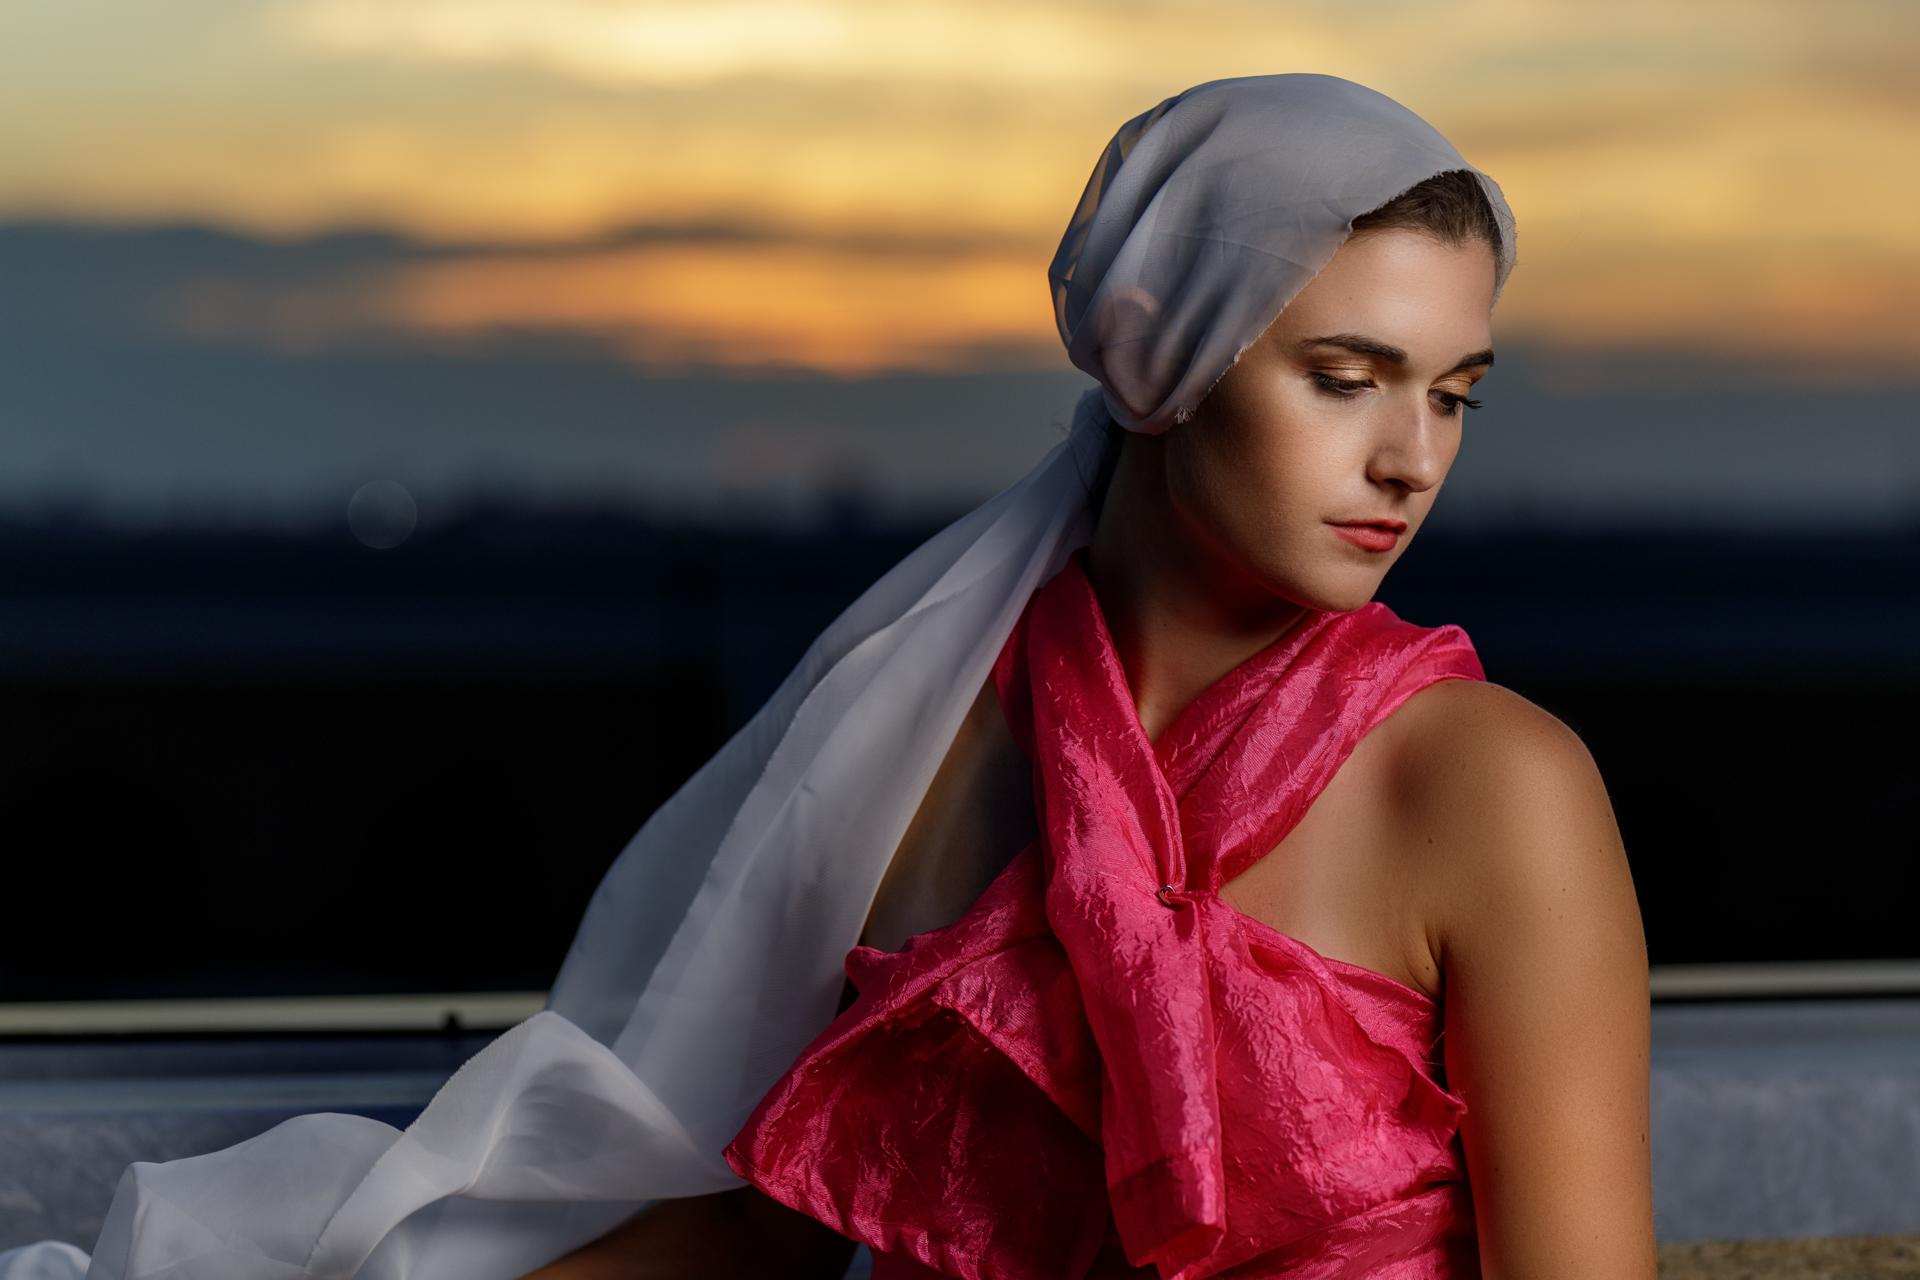 CFrenette-marilyne-ruban rose-12